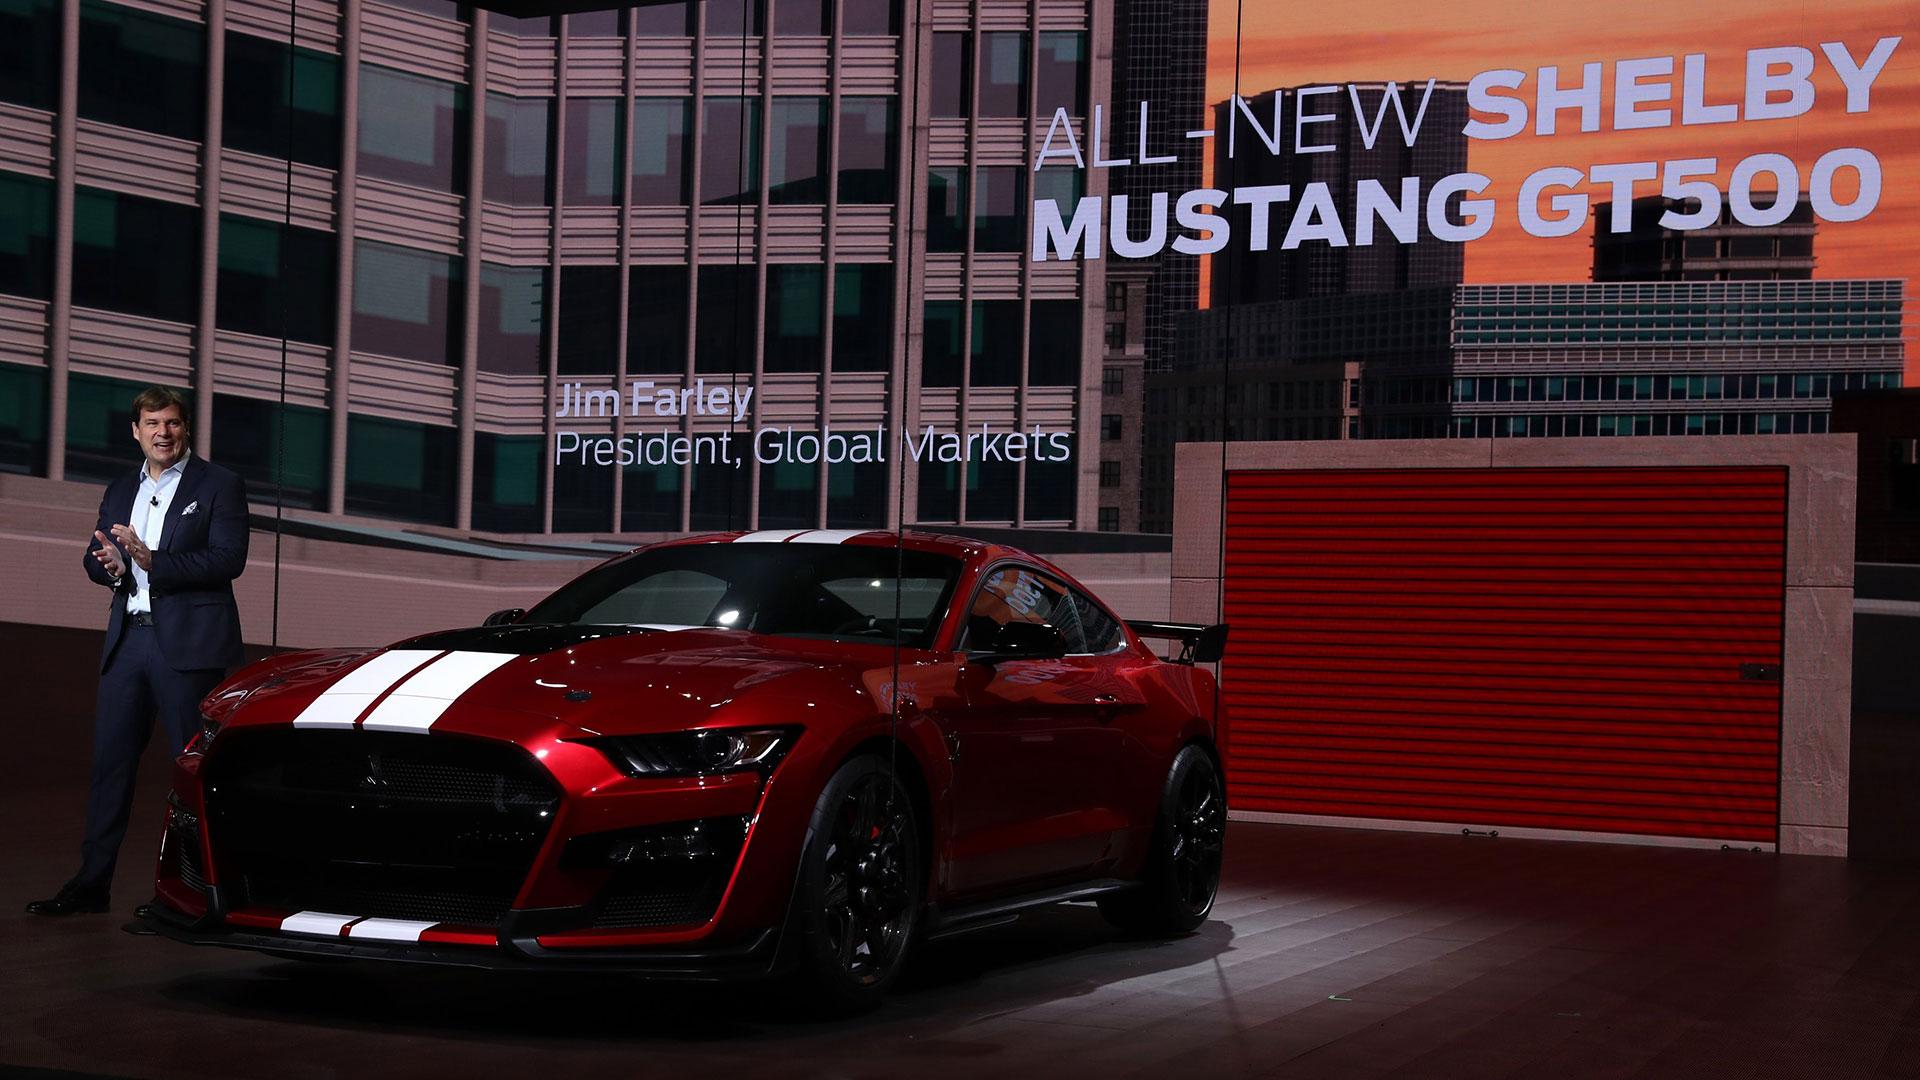 El-nuevo-Mustang-GT-Shelby-en-el-Salon-de-Detroit-1920-2.jpg